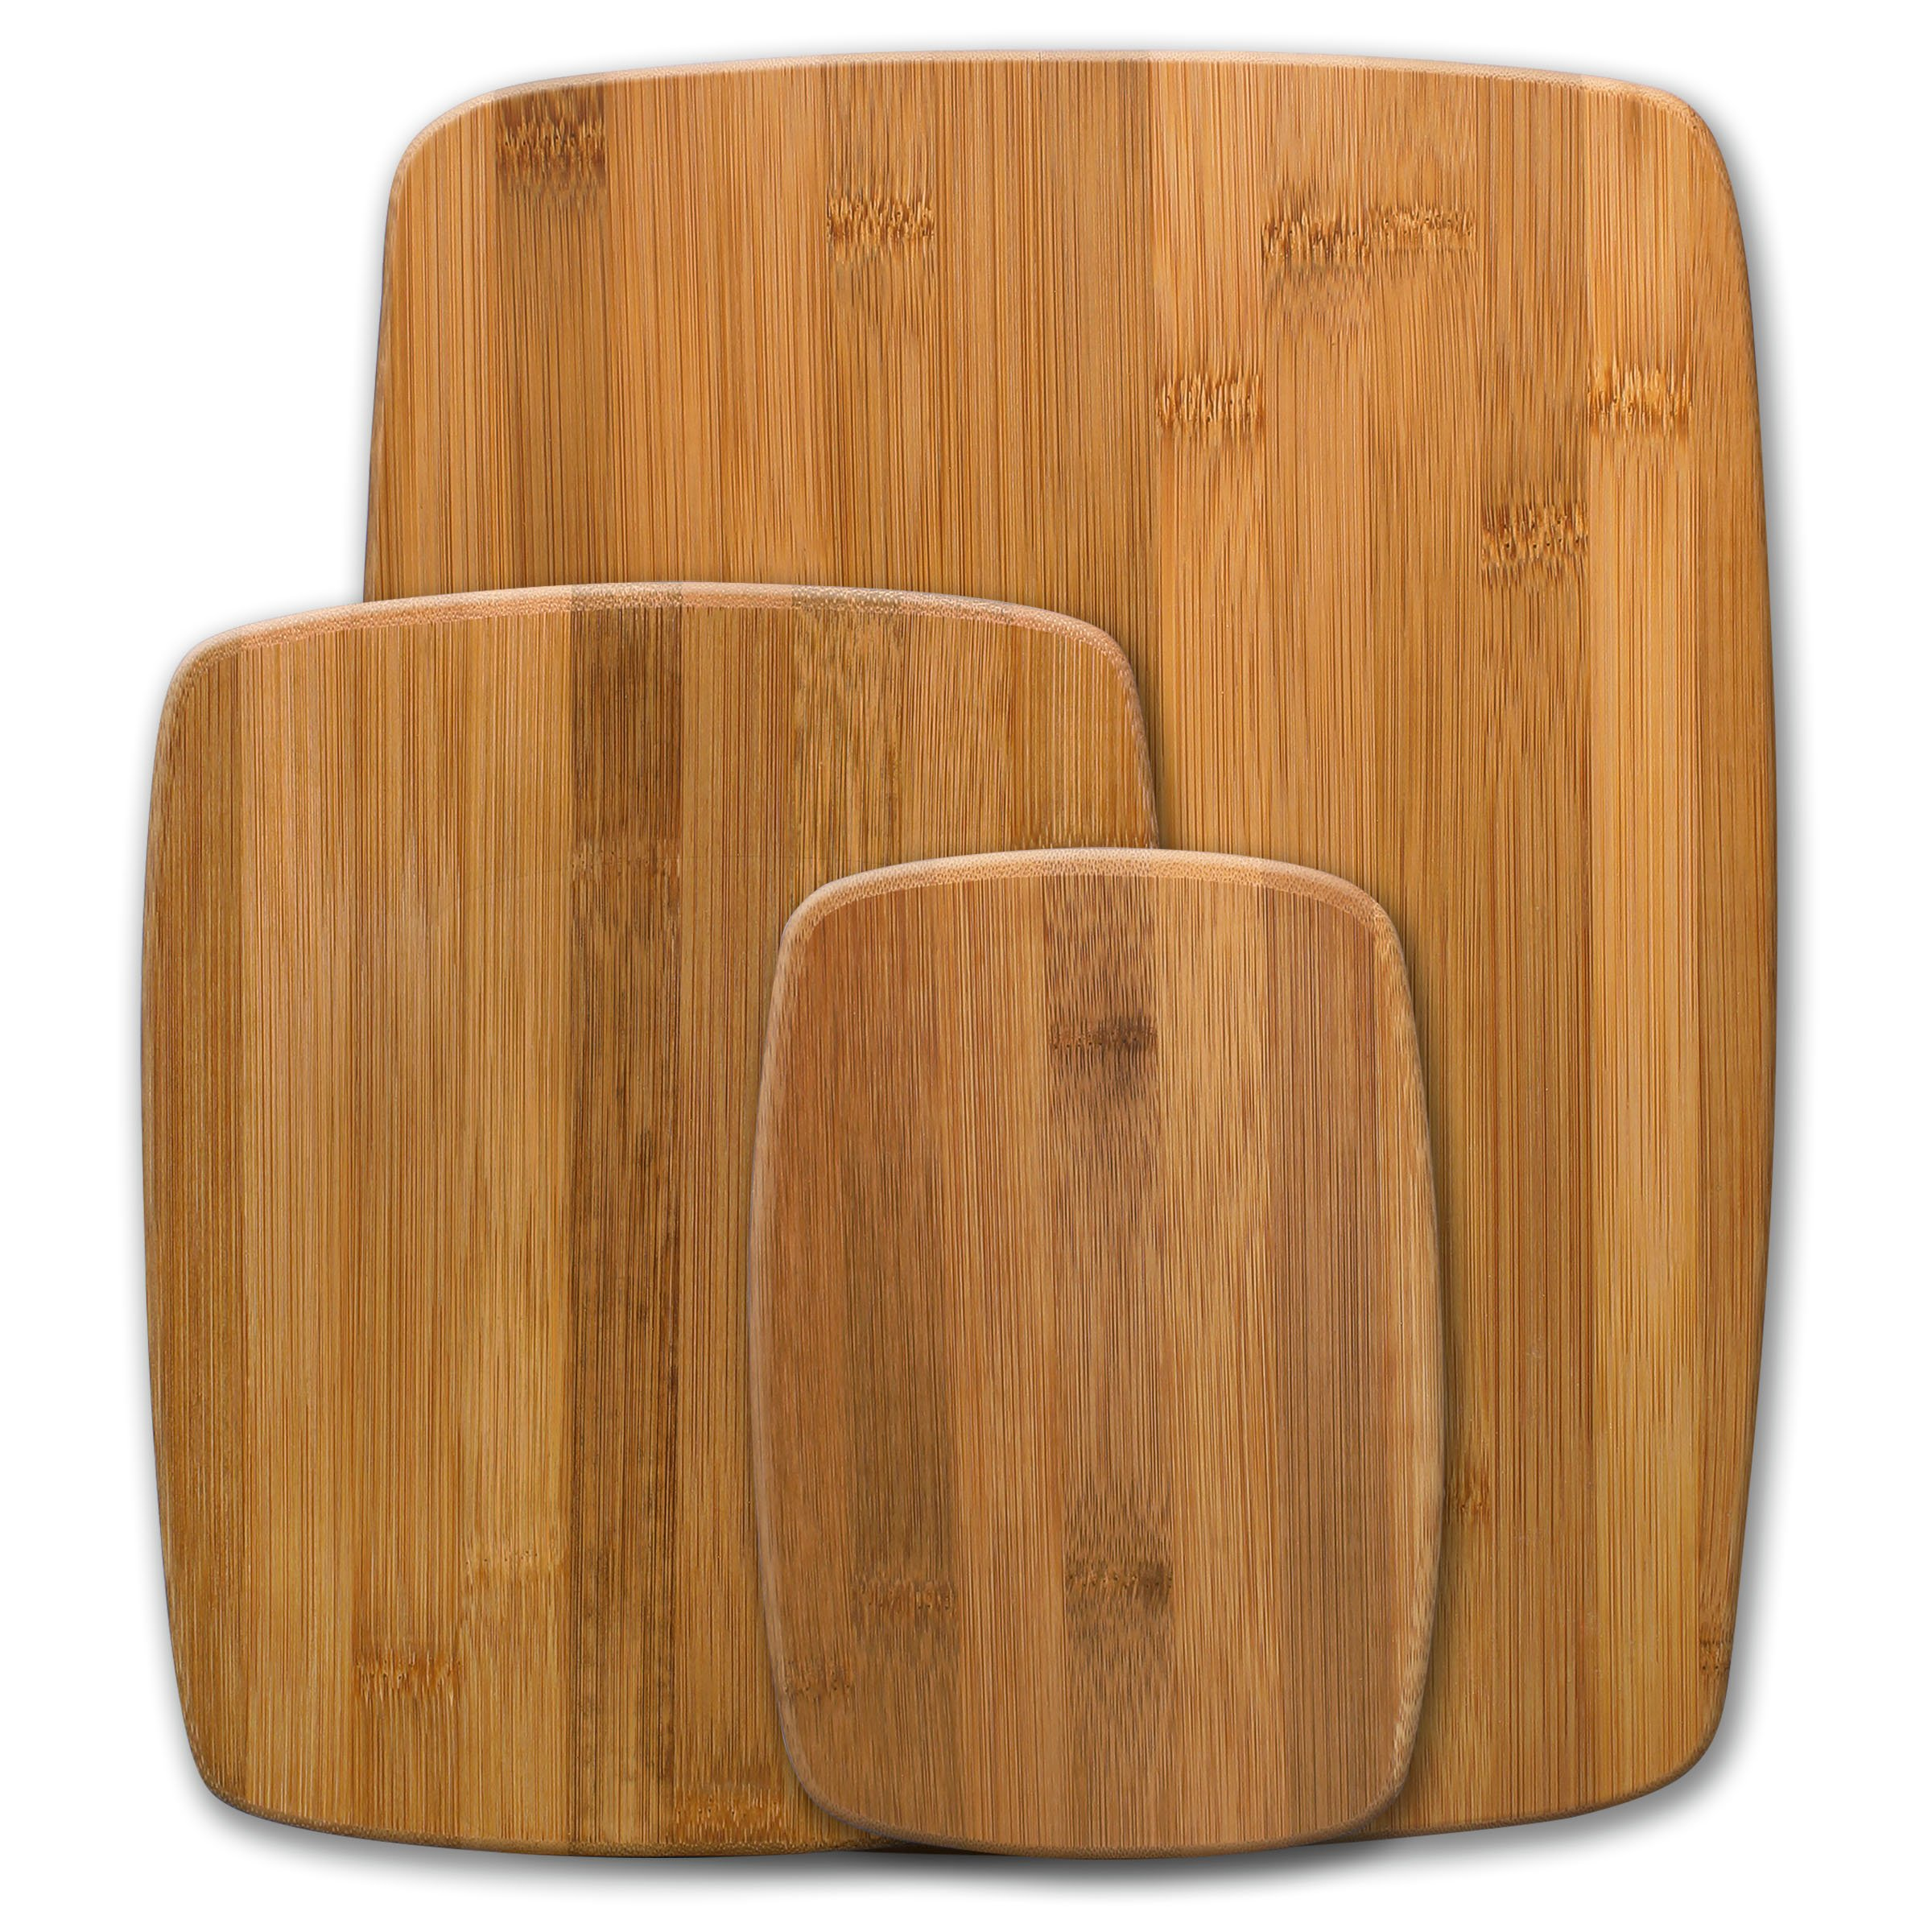 Farberware 5070344 Bamboo Cutting Board